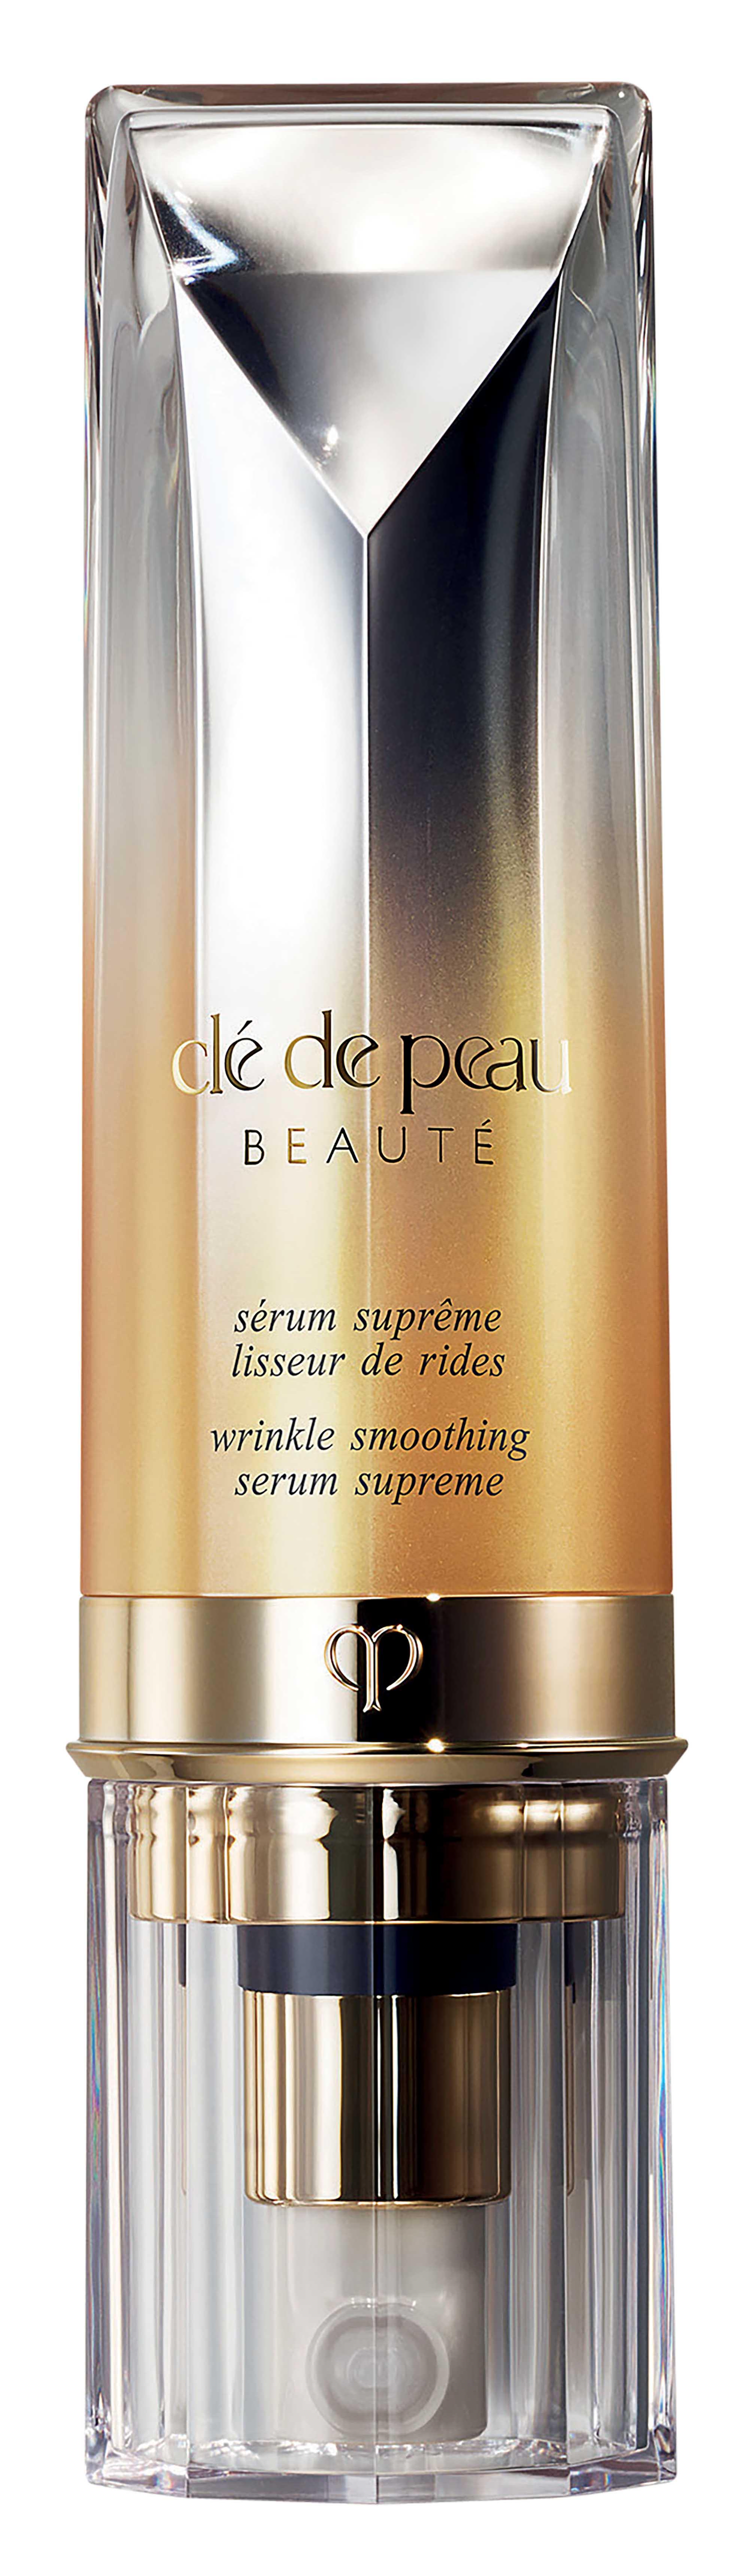 chống lão hóa Cle de Peau Beaute tinh chất xóa mờ nếp nhăn